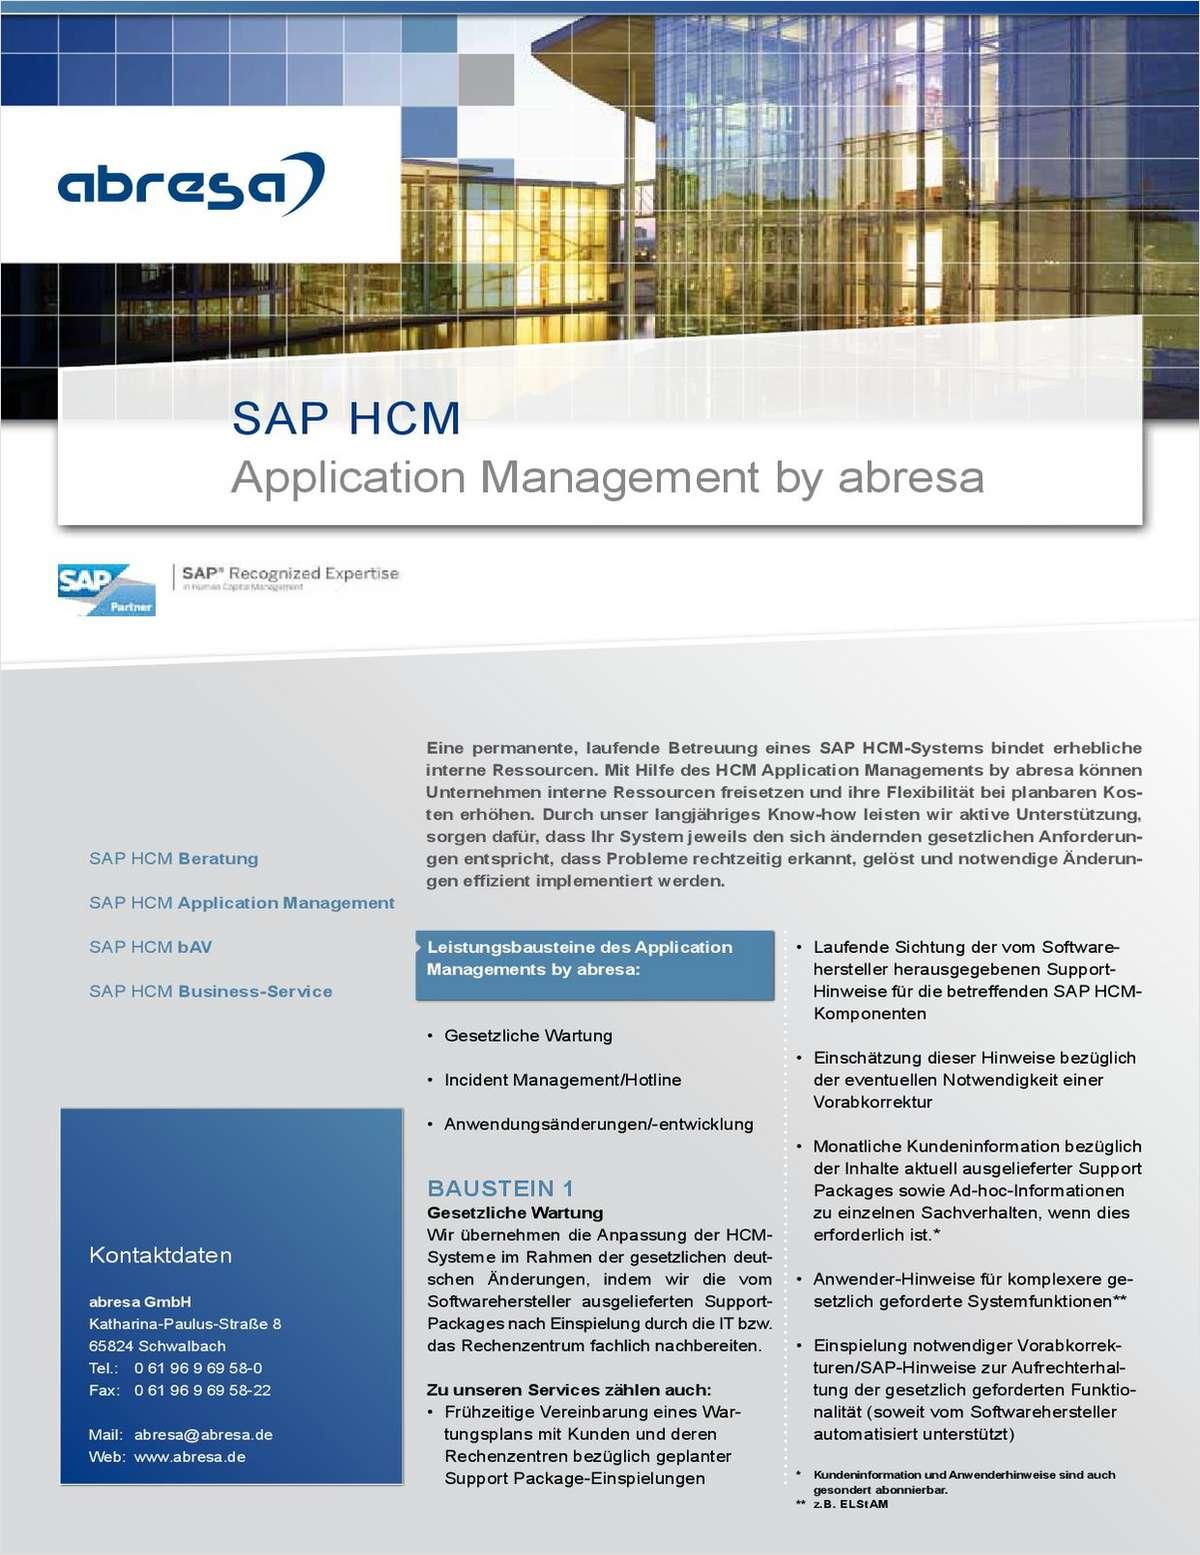 Application Management für Ihr SAP HCM System